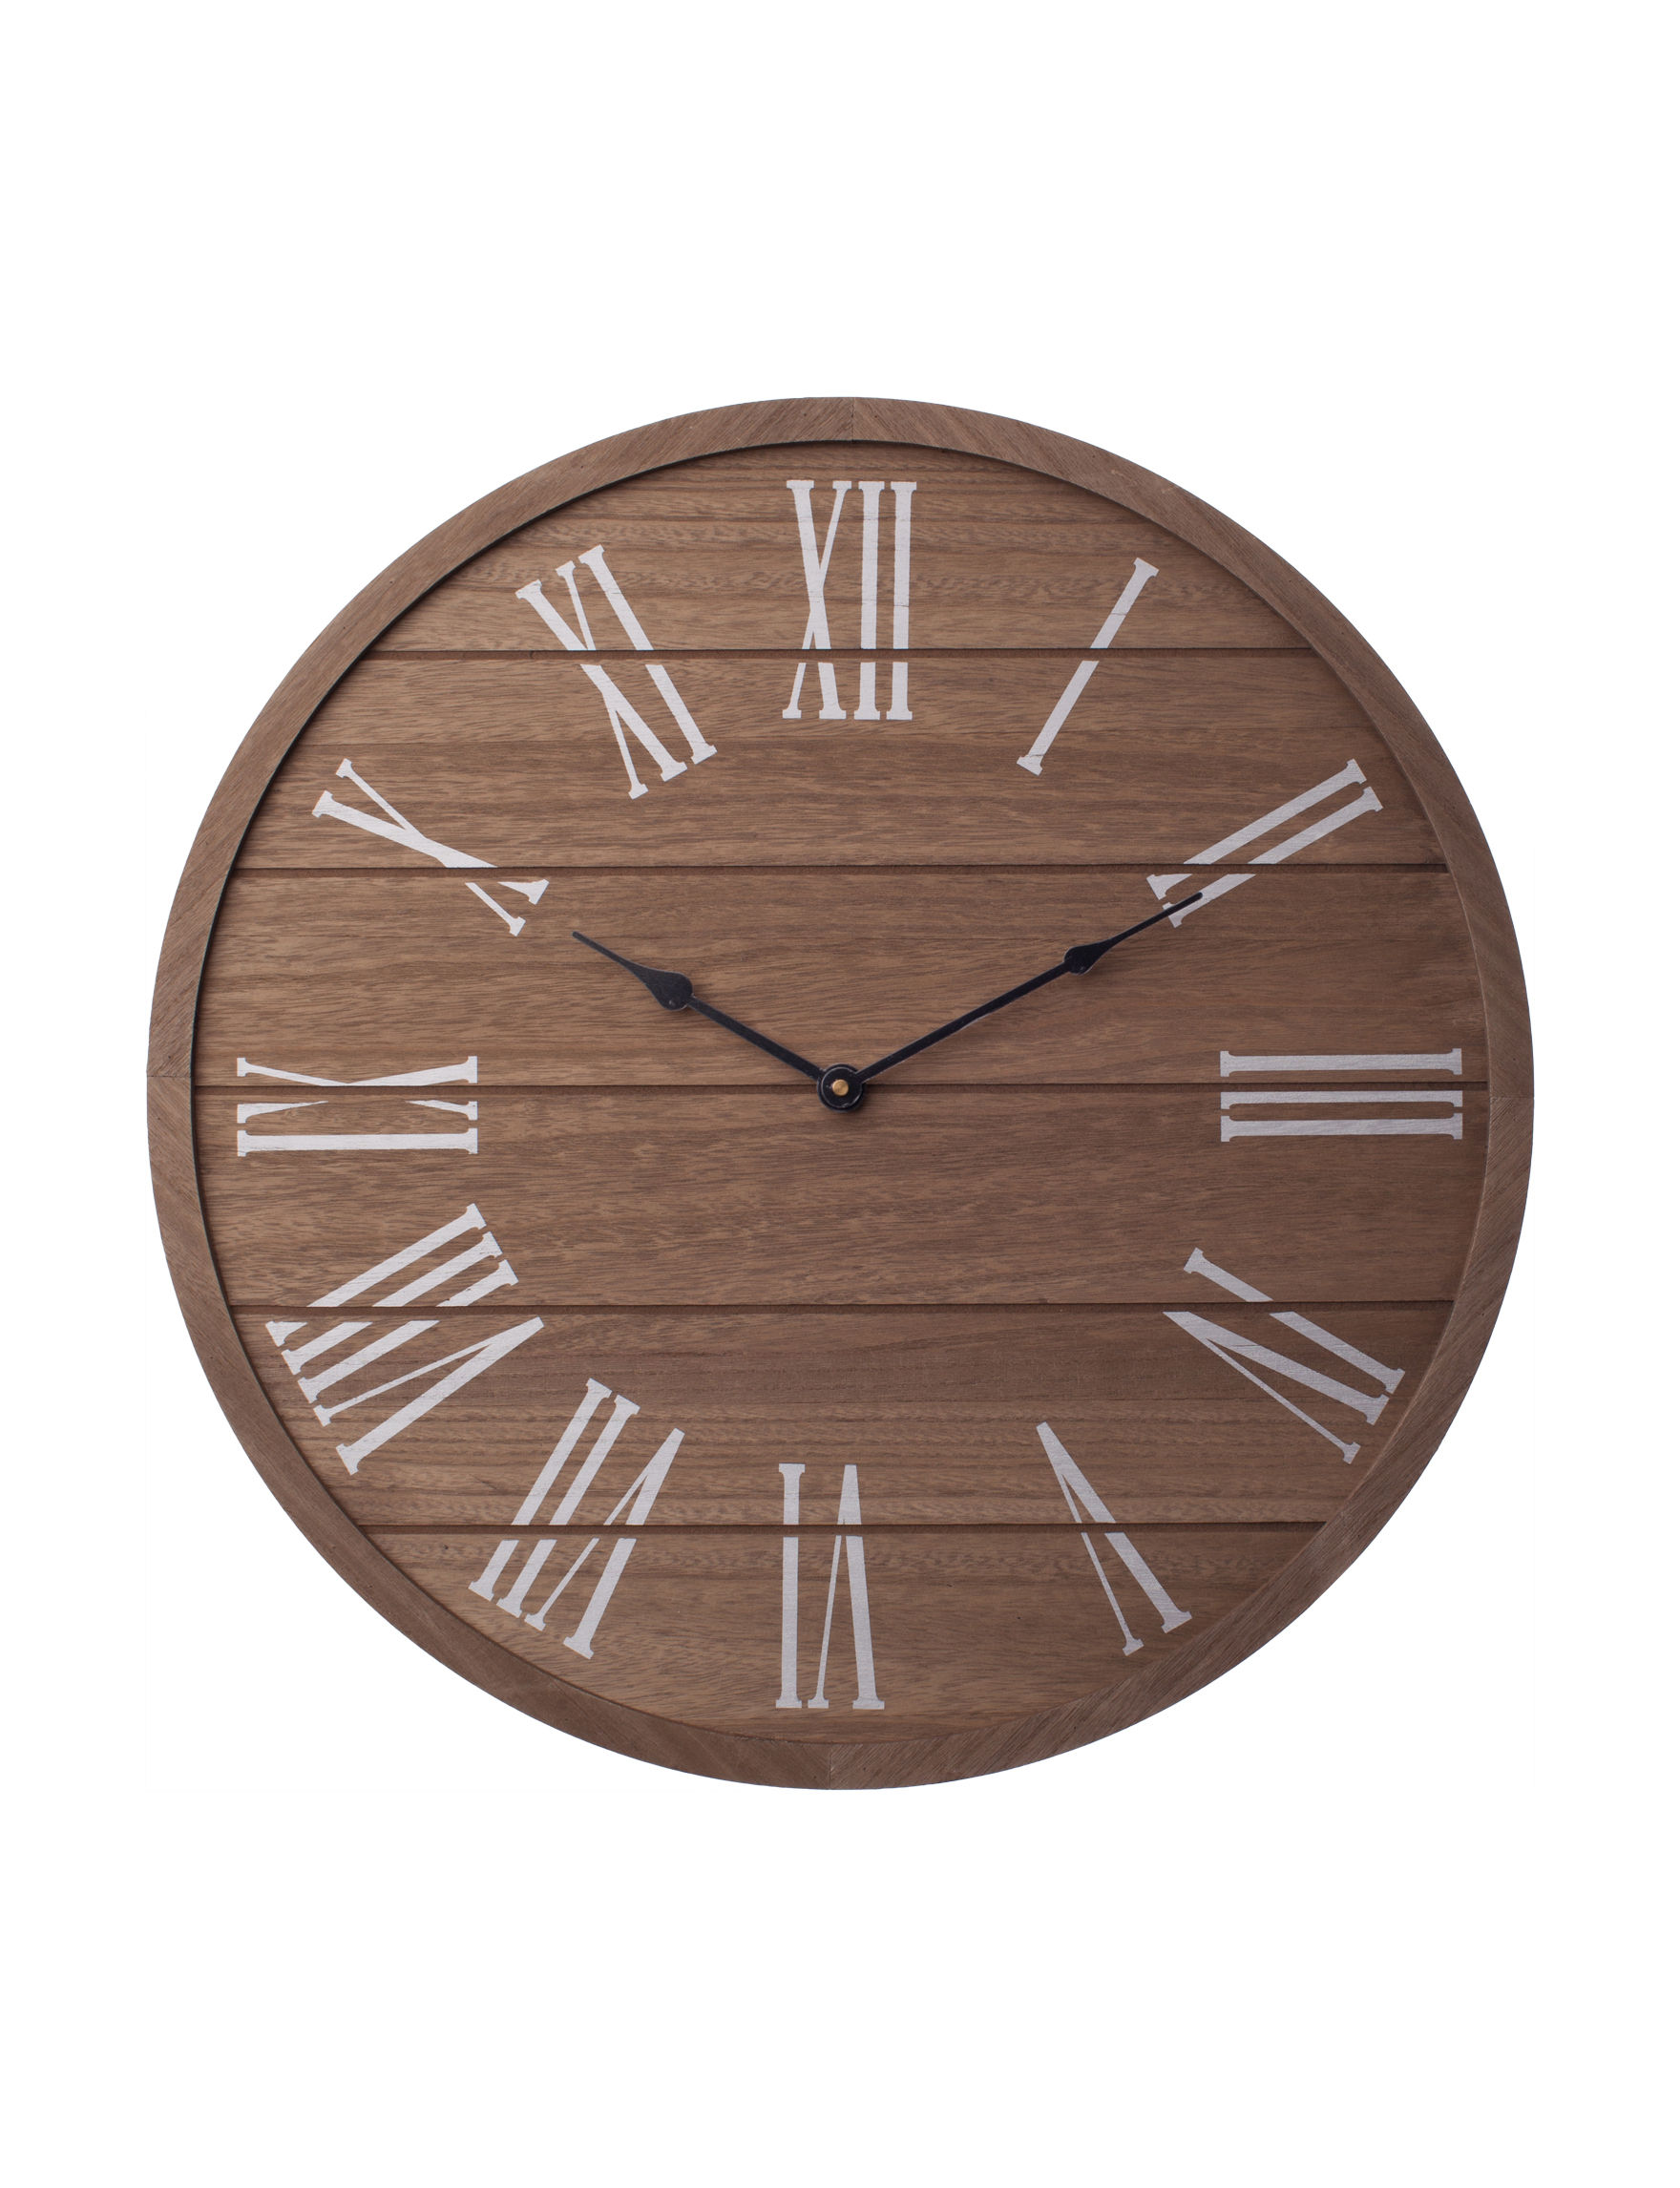 New View Brown Wall Clocks Clocks Wall Decor